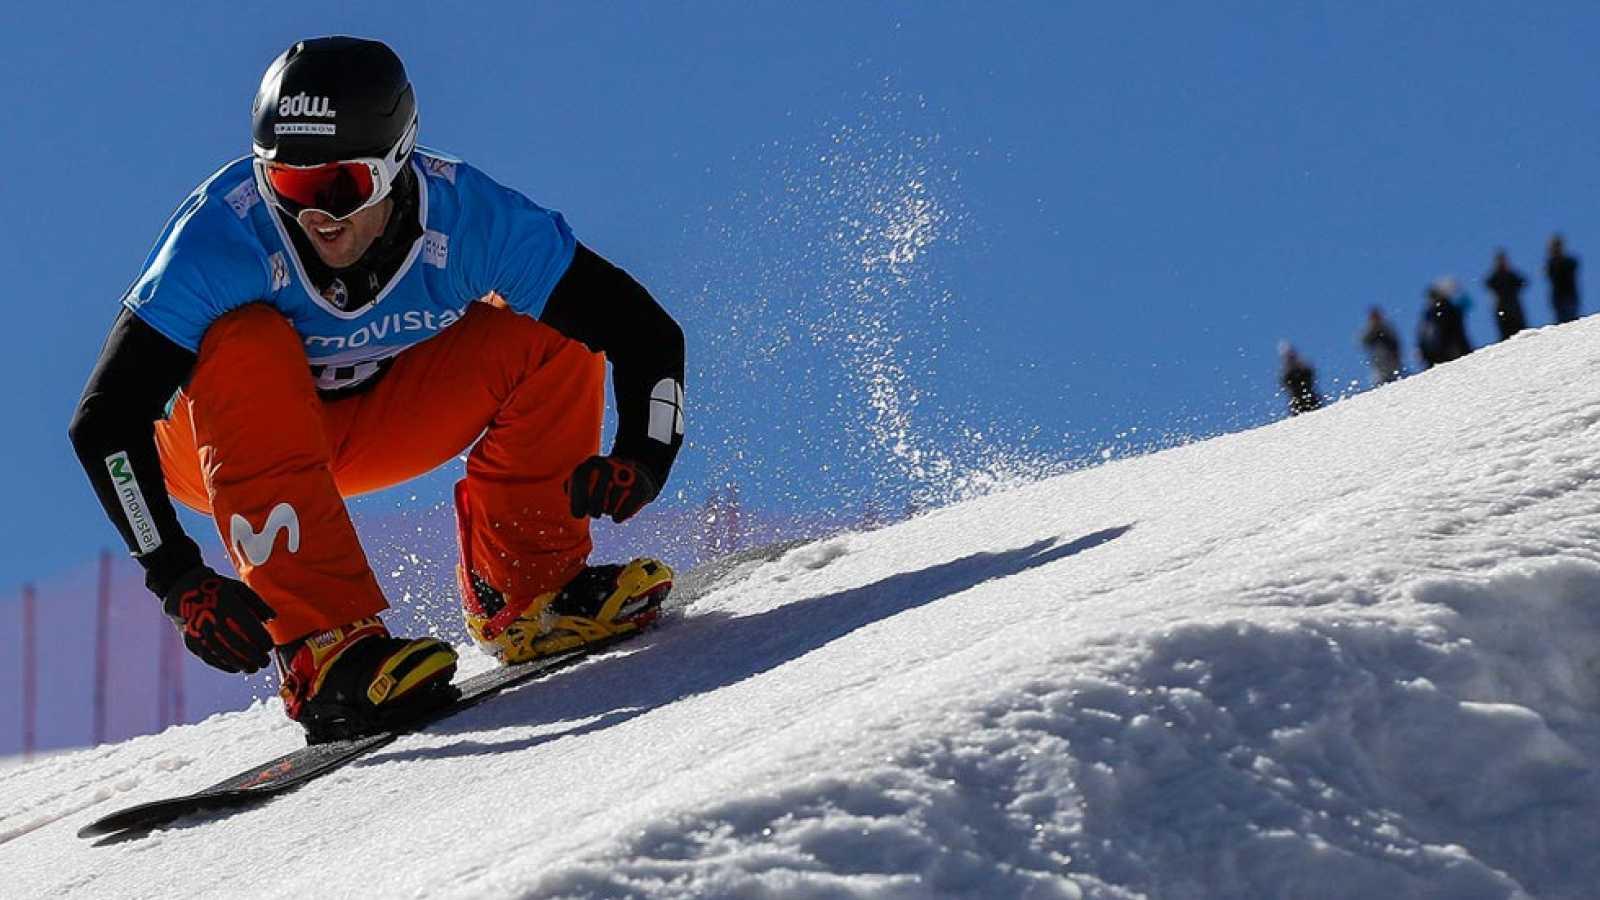 El donostiarra Lucas Eguibar se ha colgado la medalla de plata en la modalidad de boardercross en el Mundial de Sierra Nevada 2017 de snowboard y freestyle.